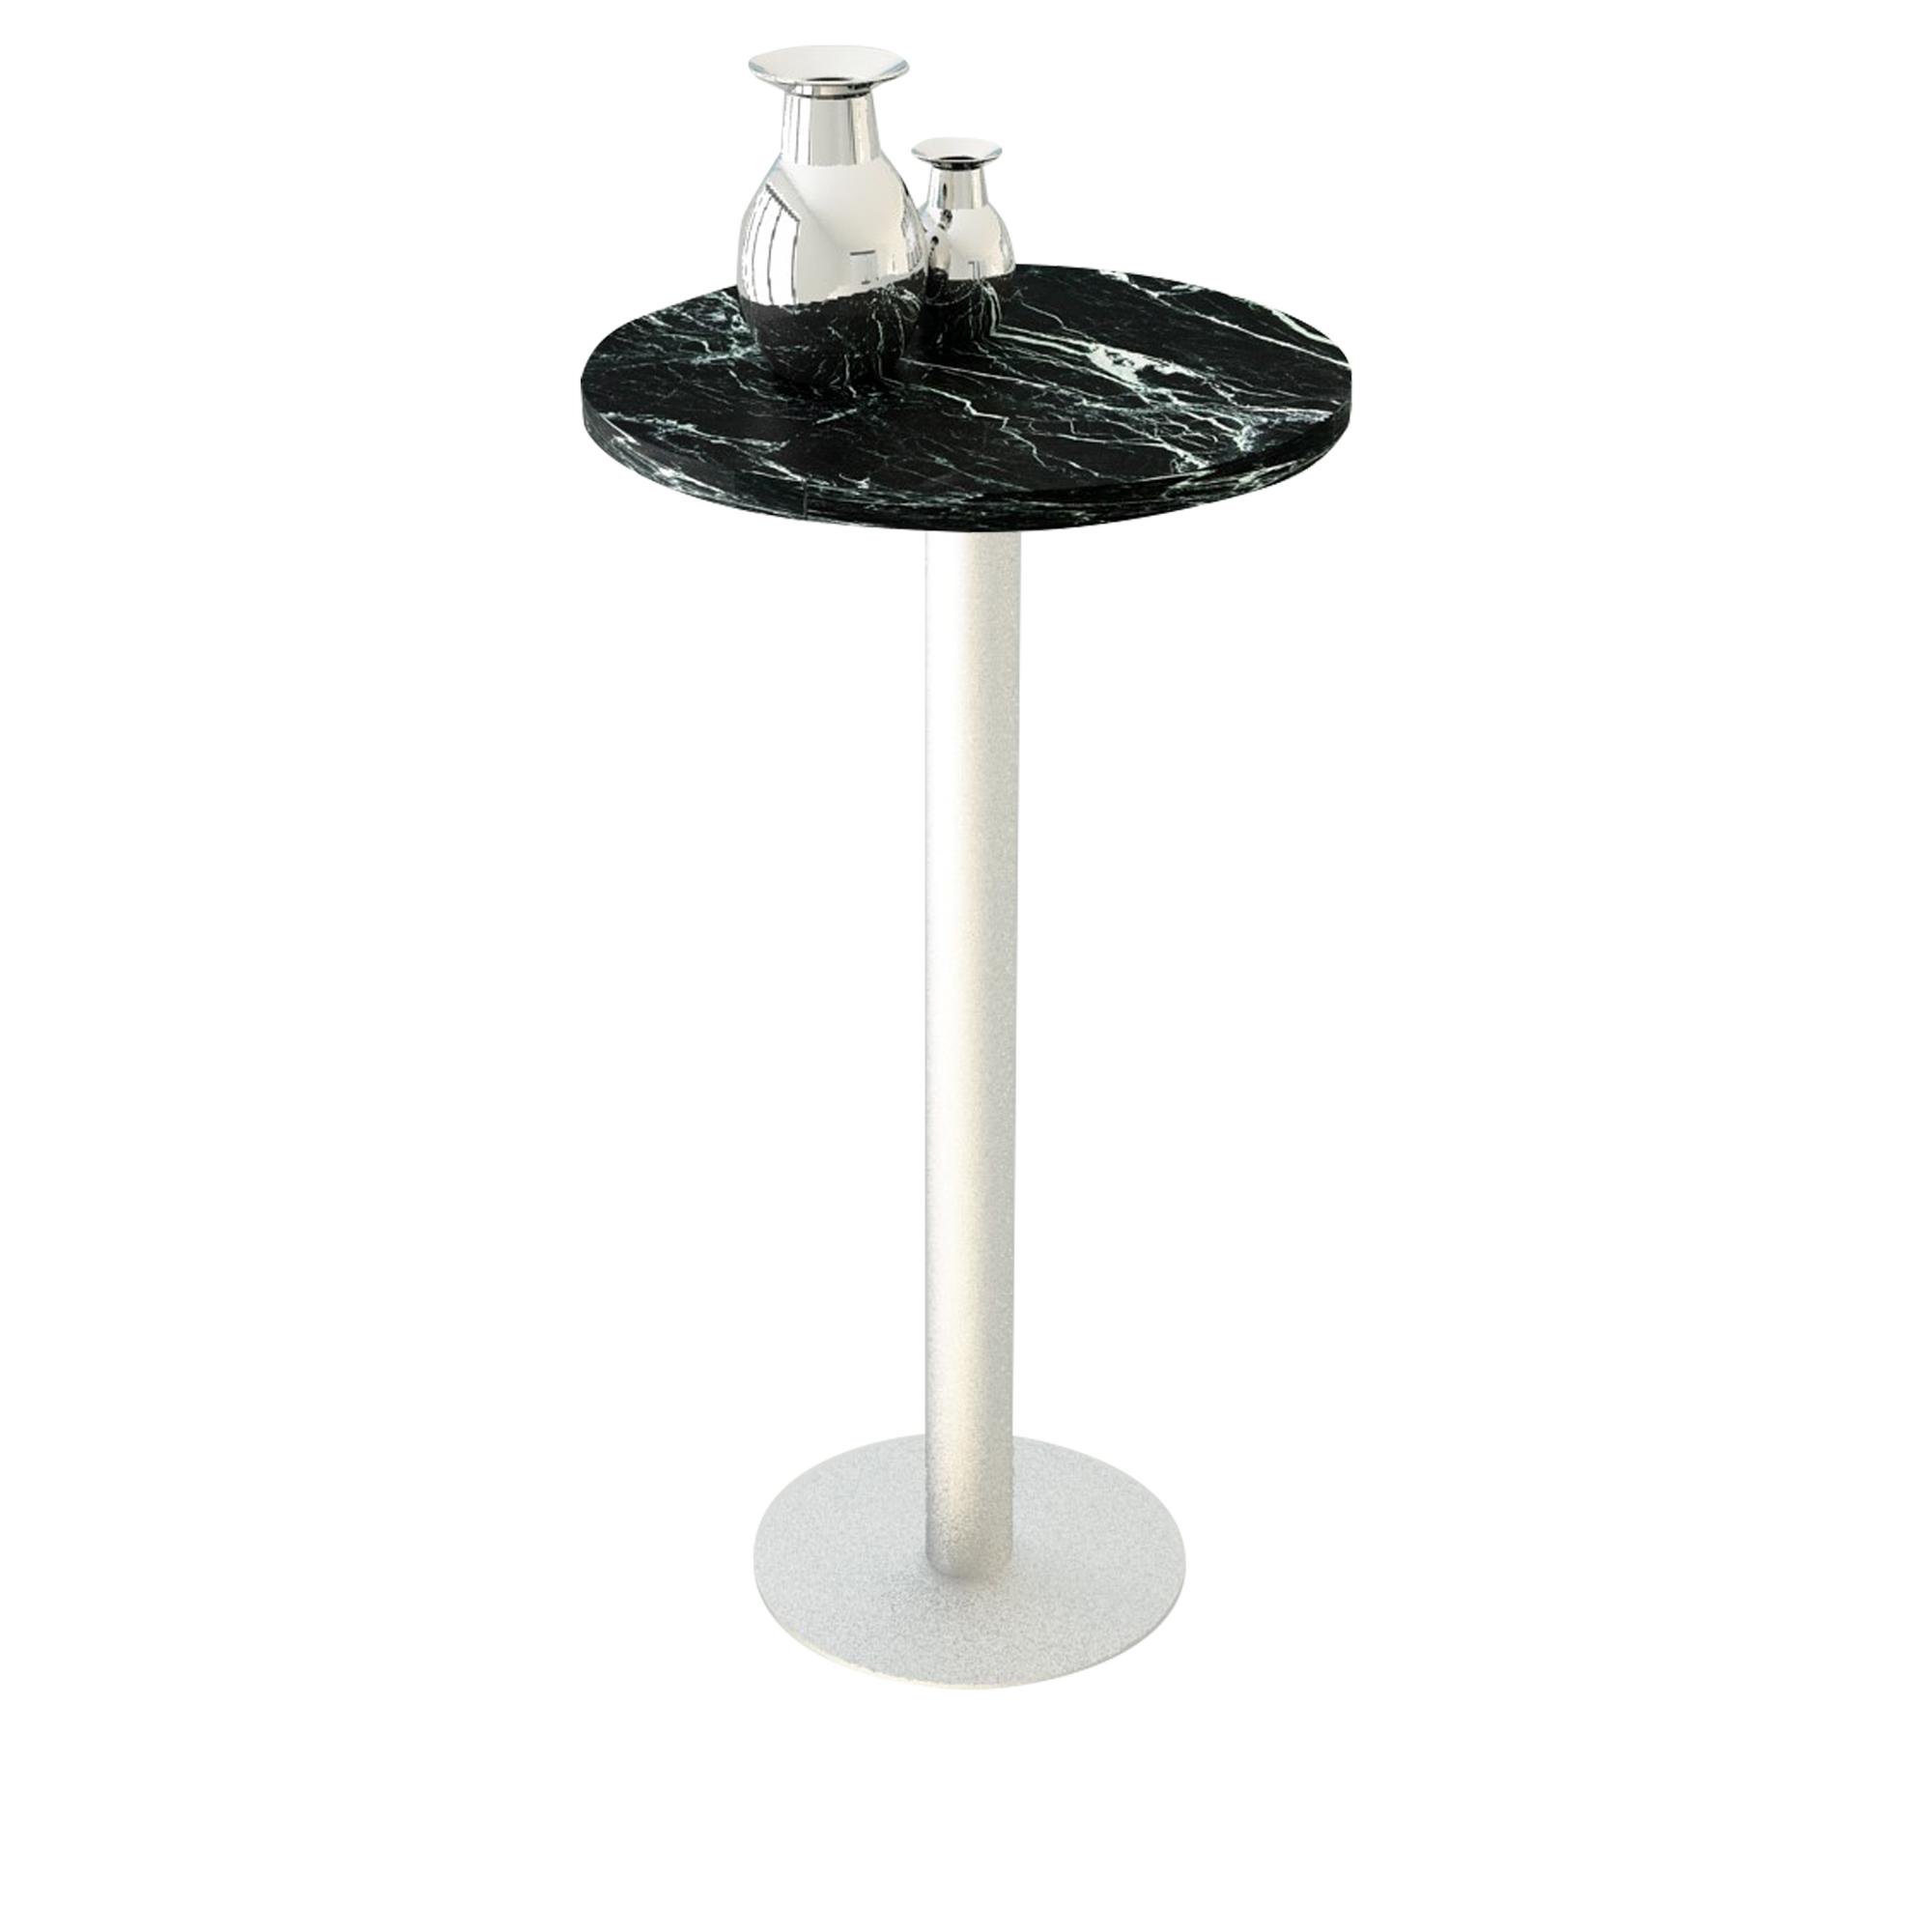 Sanft Edelstahl Bar Tisch Basis Rahmen Hohe QualitäT Und Preiswert Kommerziellen Möbel Restaurant Tische